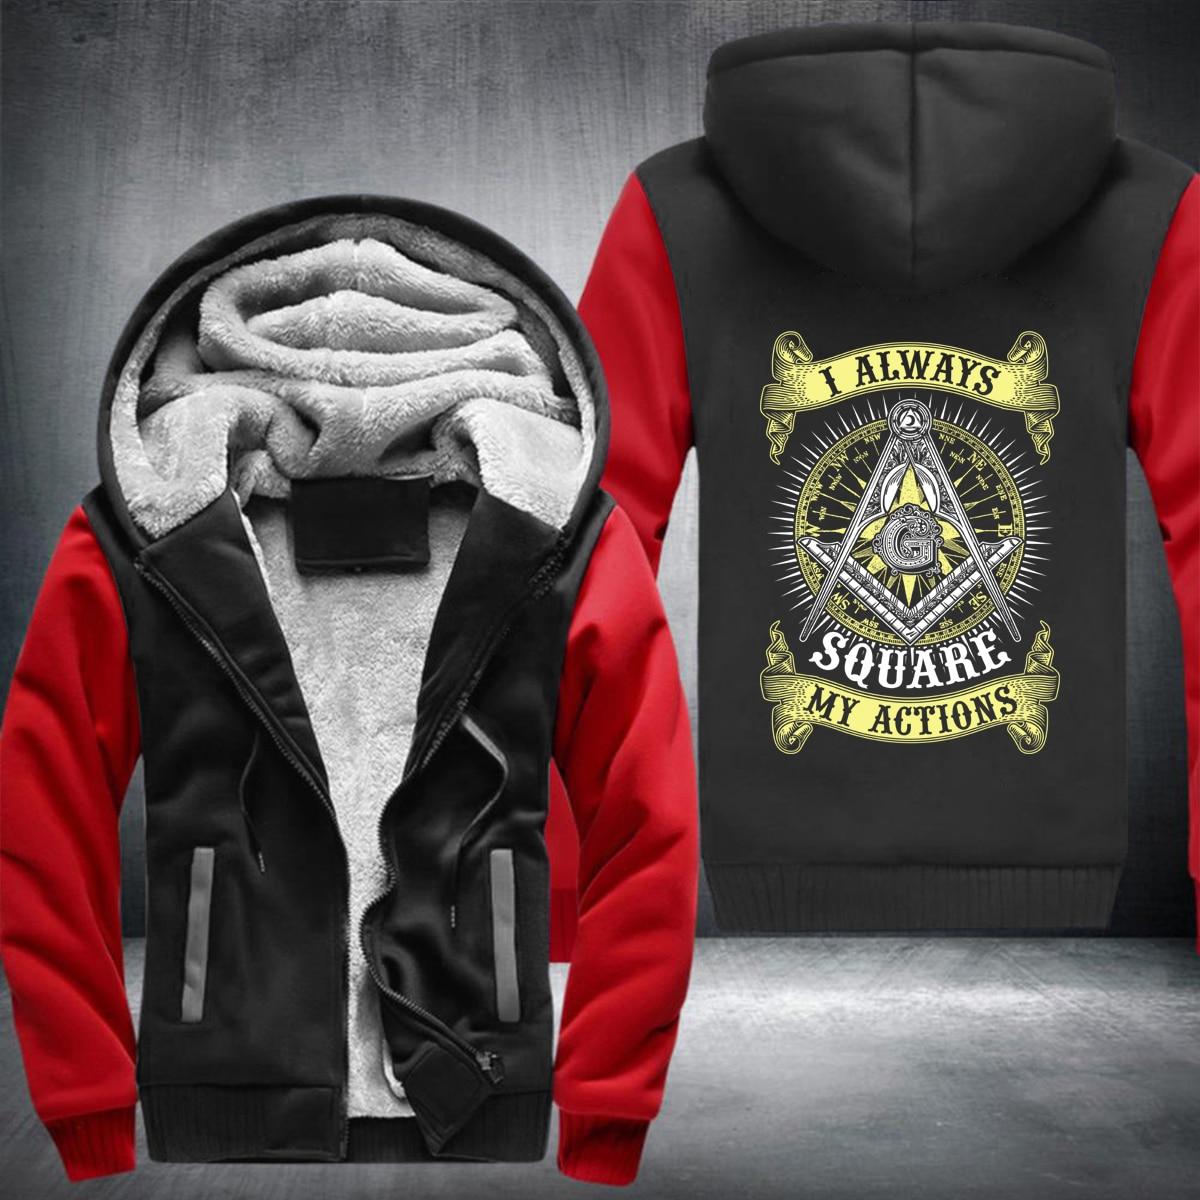 new i always aquare my actions sweatshirt Winter Men Thick Hoodies Patchwork Sweatshirt Zipper Fleece Tracksuit